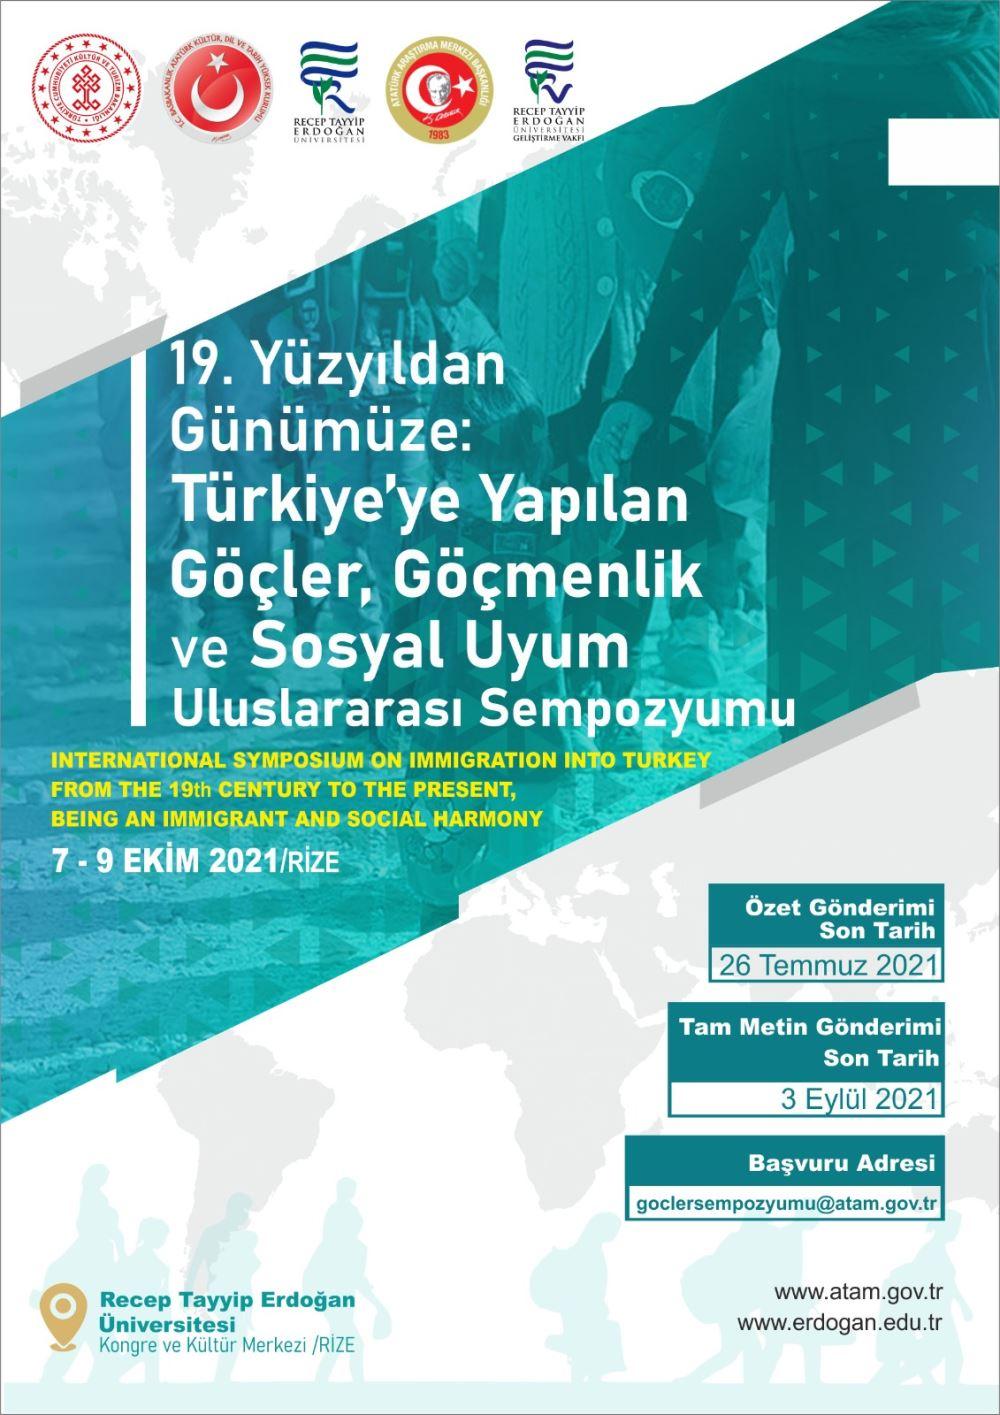 19. Yüzyıldan Günümüze Türkiye'ye Yapılan Göçler, Göçmenlik ve Sosyal Uyum Uluslaratası Sempozyumu